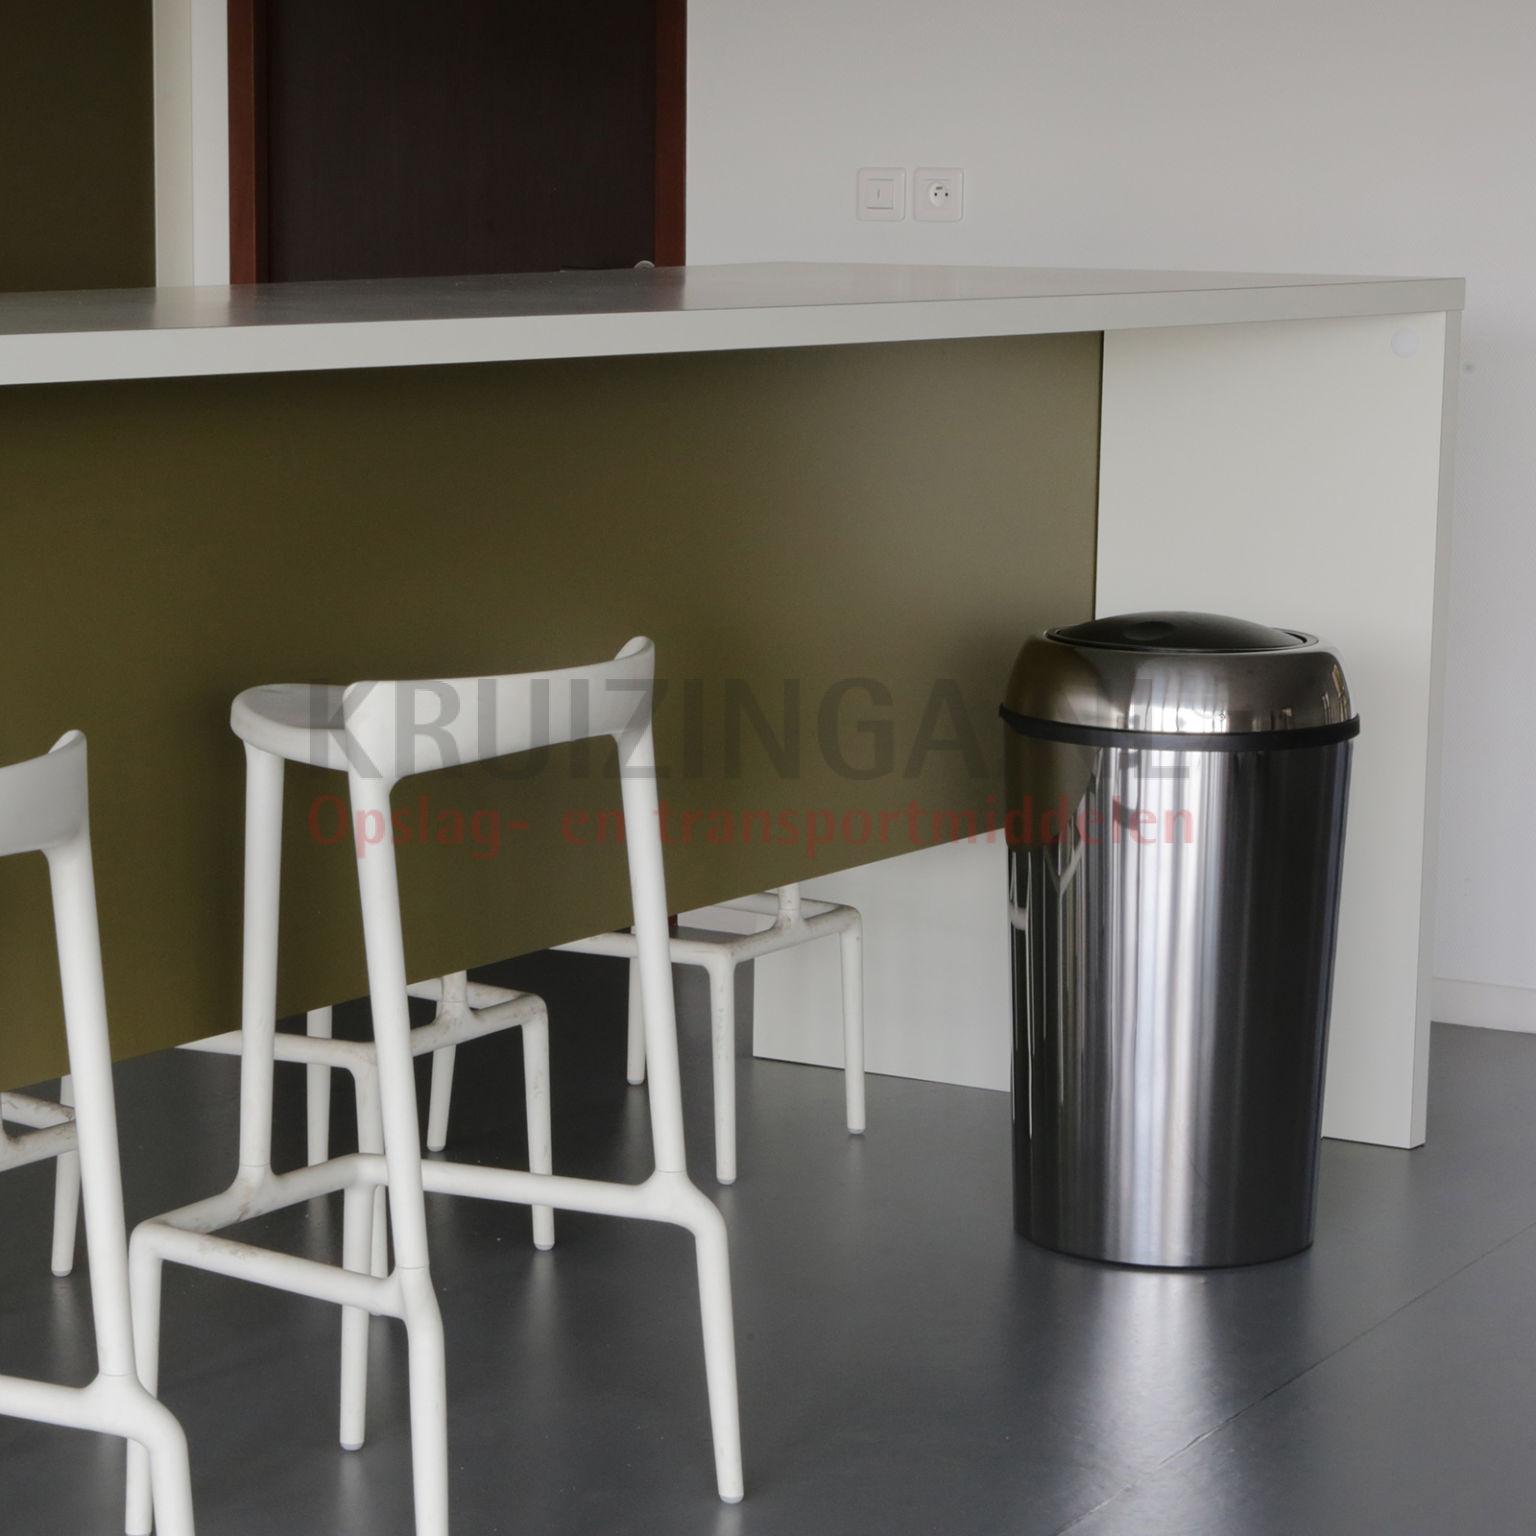 abfallbeh lter abfall und reinigung stahl m lltonne mit deckel ab 141 75 frei haus. Black Bedroom Furniture Sets. Home Design Ideas